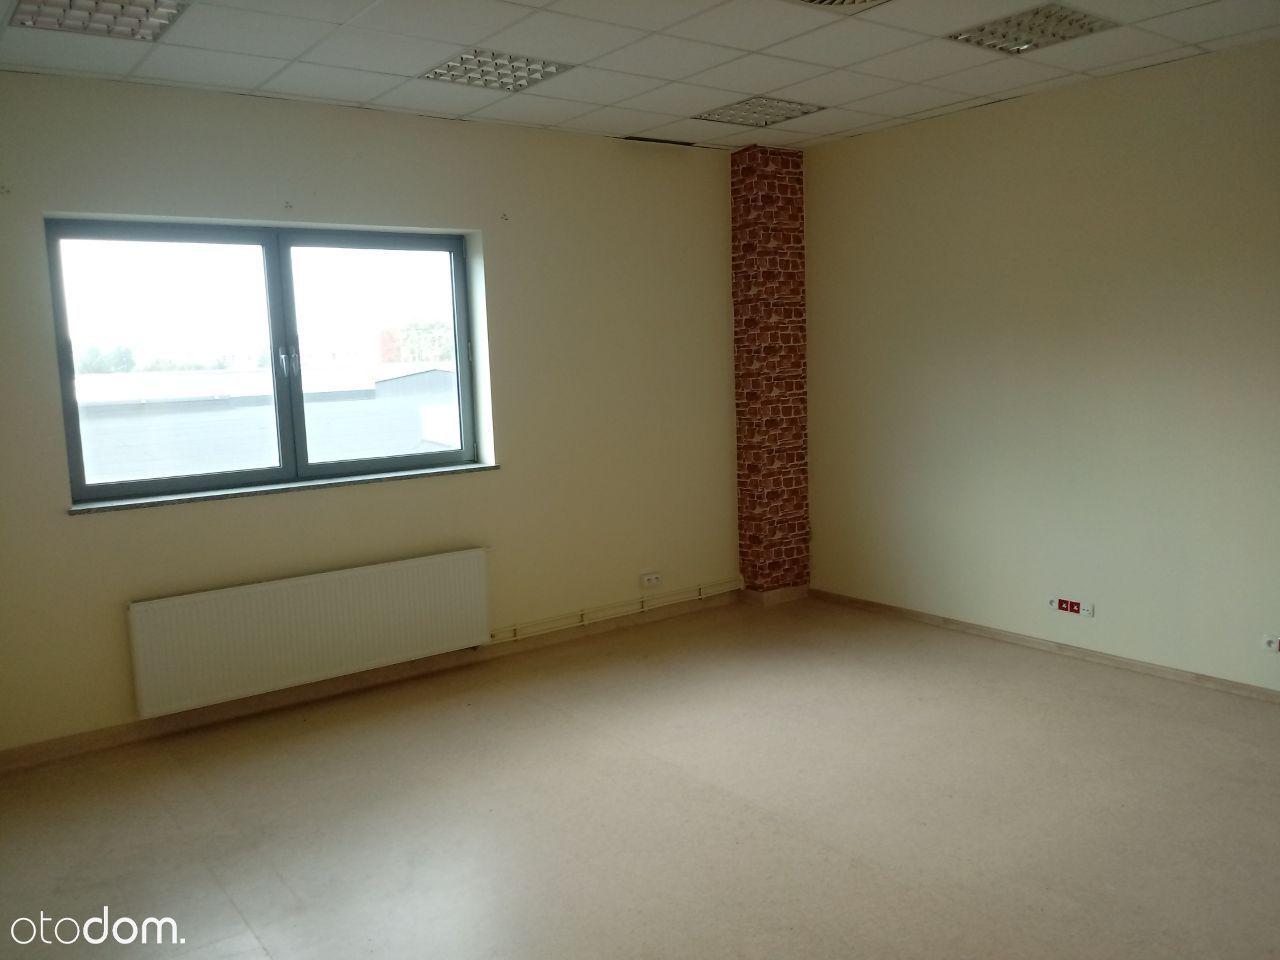 lokal idealny na biuro, kancelarię lub gabinet